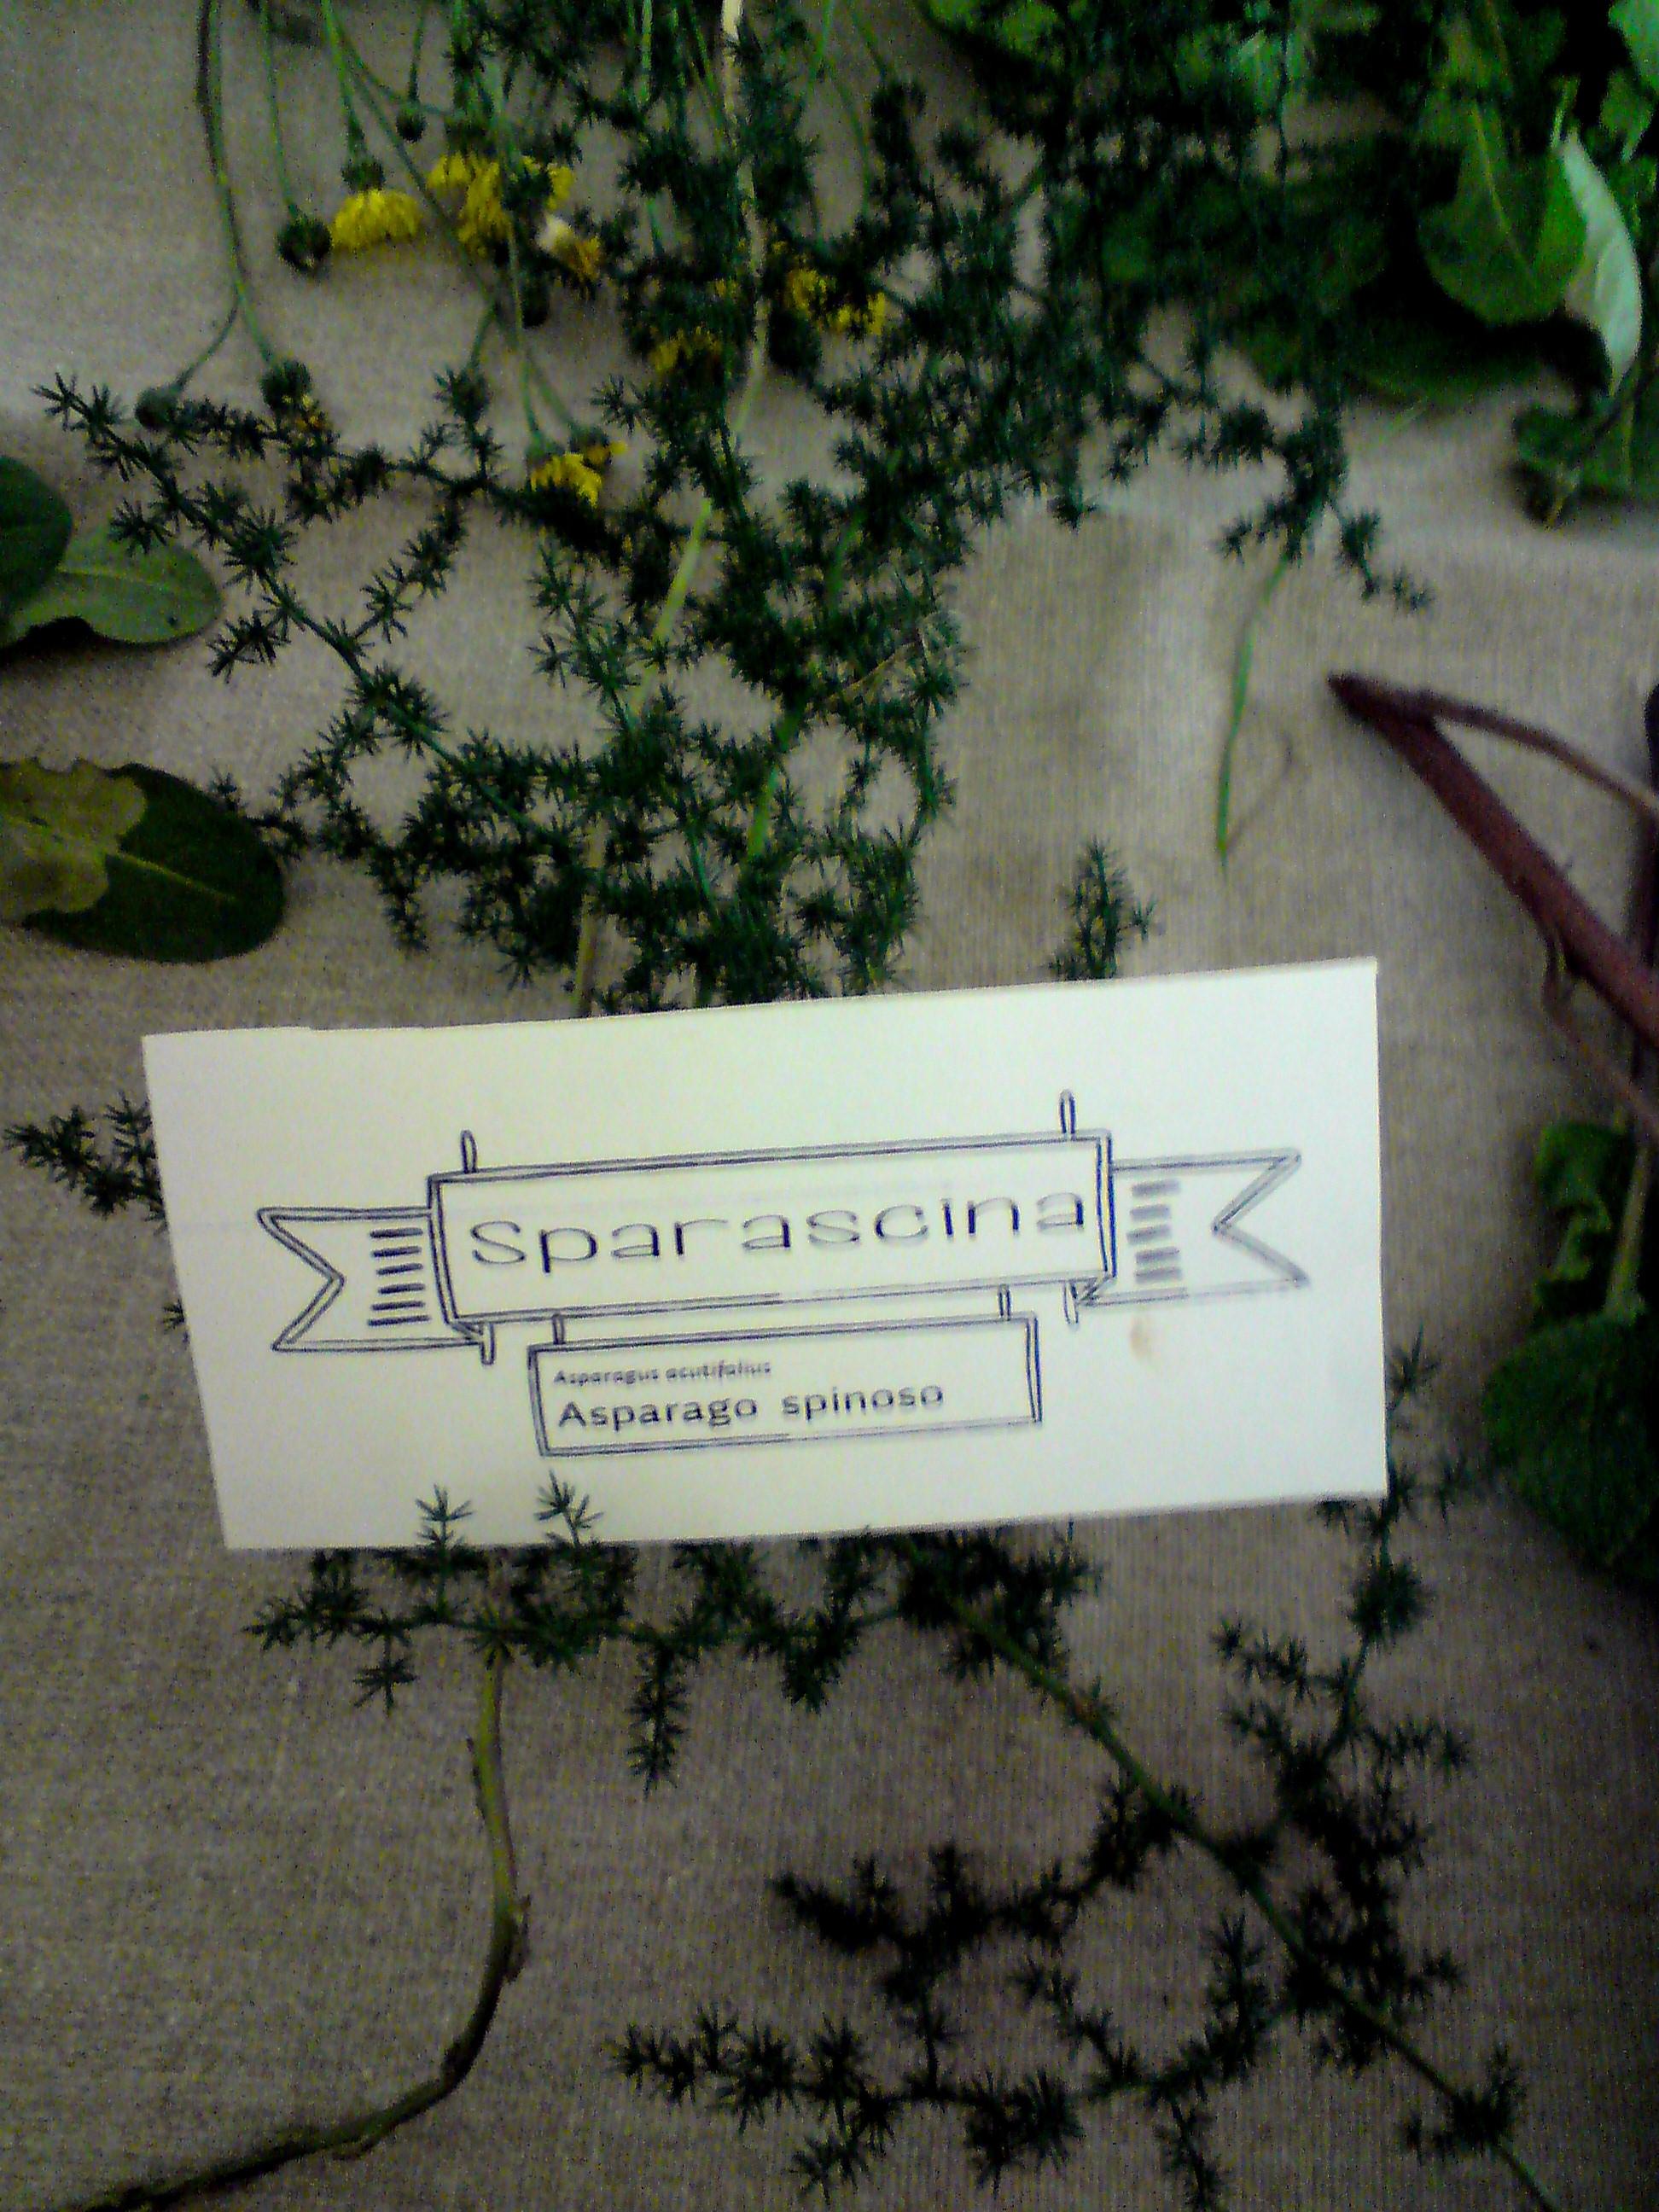 Asparagus Acutifolia, known in English as Wild Asparagus. Edible shoots